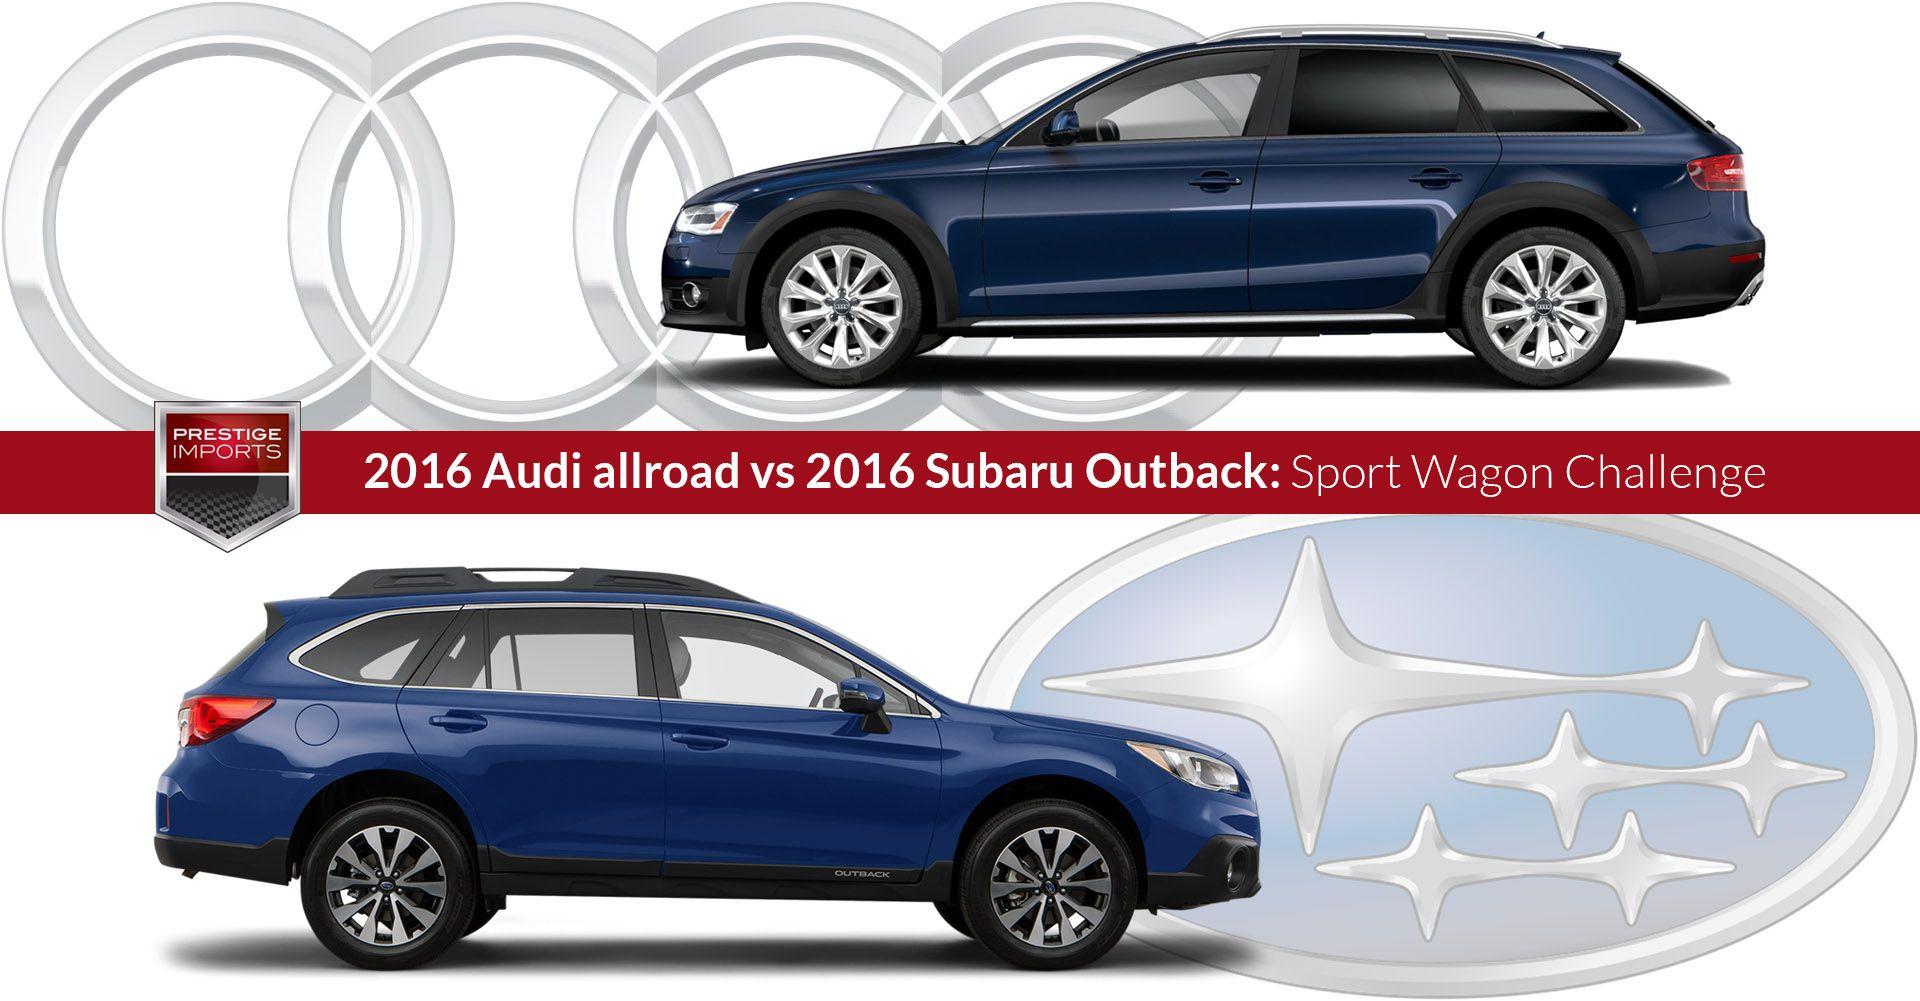 2016 Audi allroad vs 2016 Subaru Outback Sport Wagon